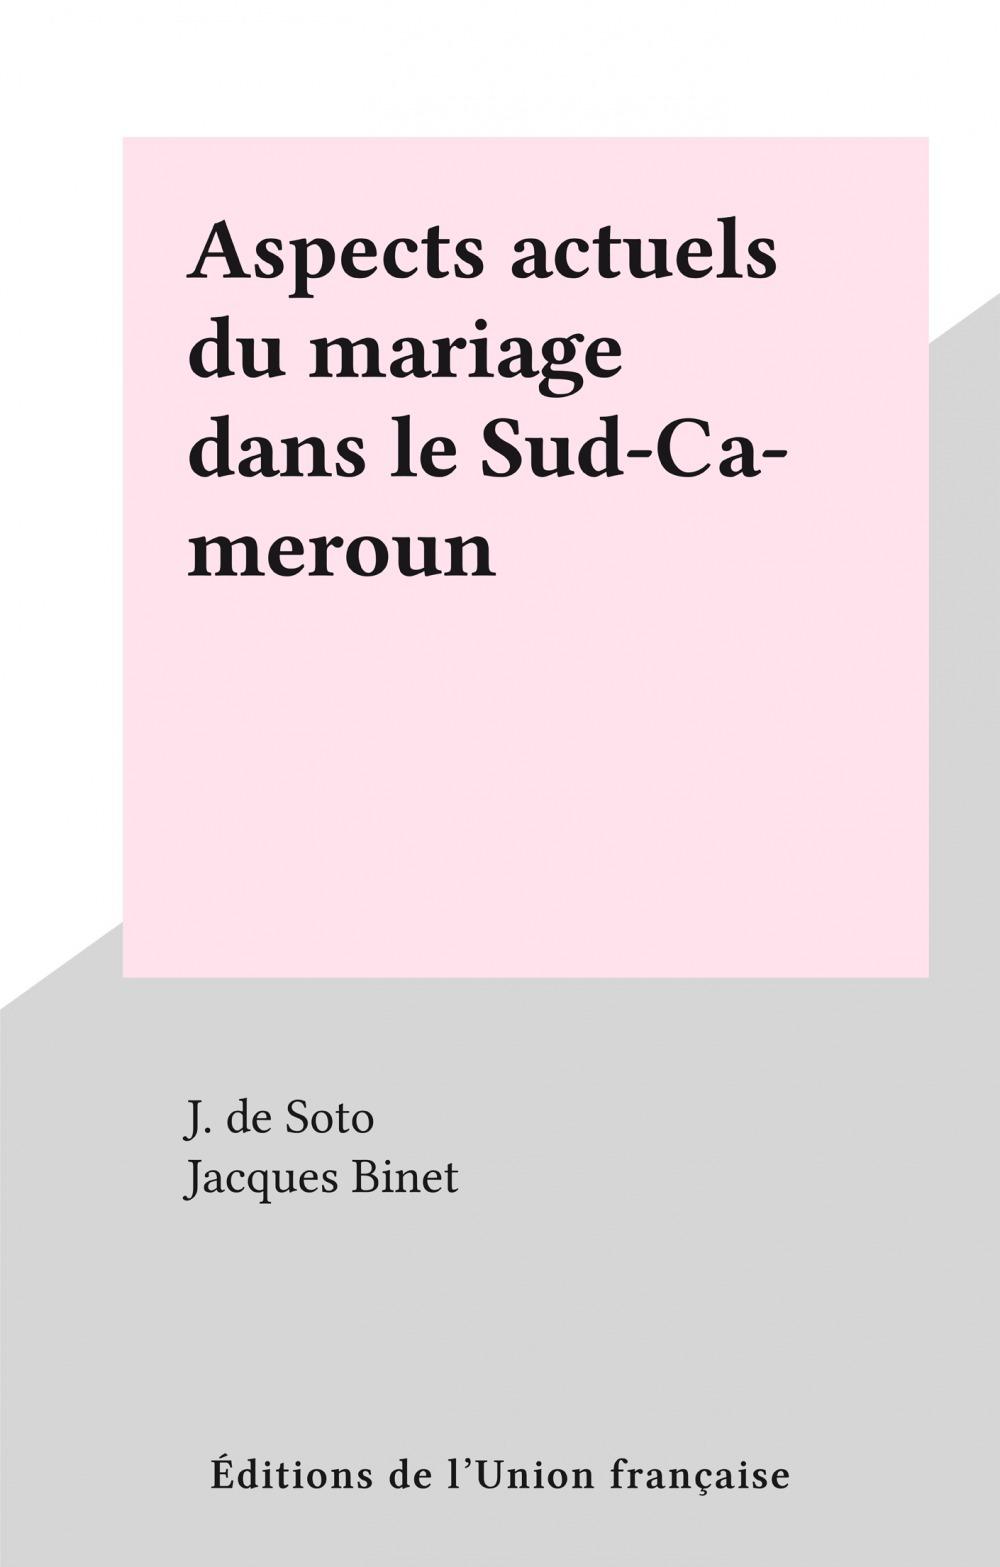 Aspects actuels du mariage dans le Sud-Cameroun